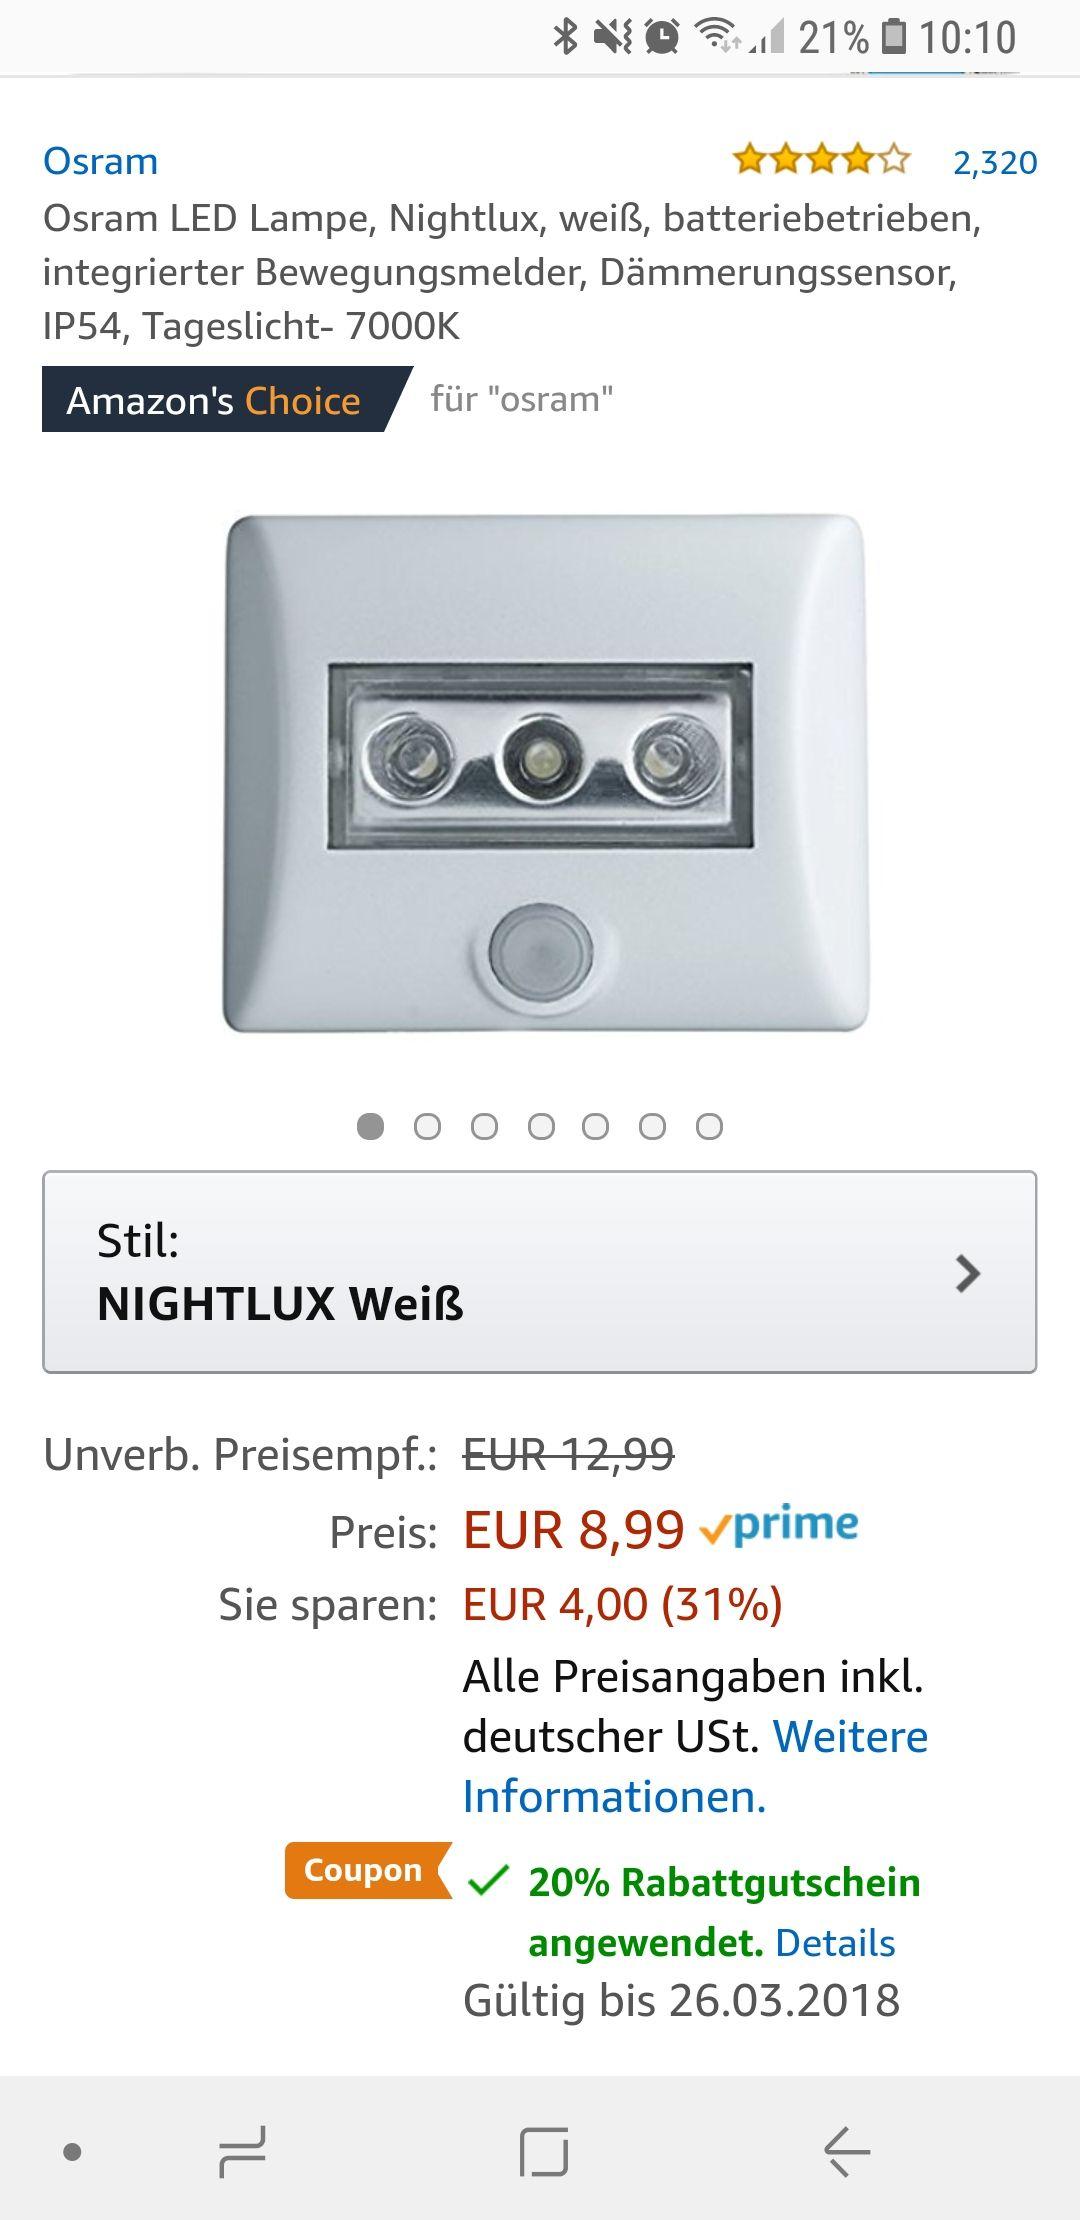 Osram Nightlux für 7,19€ (PRIME)